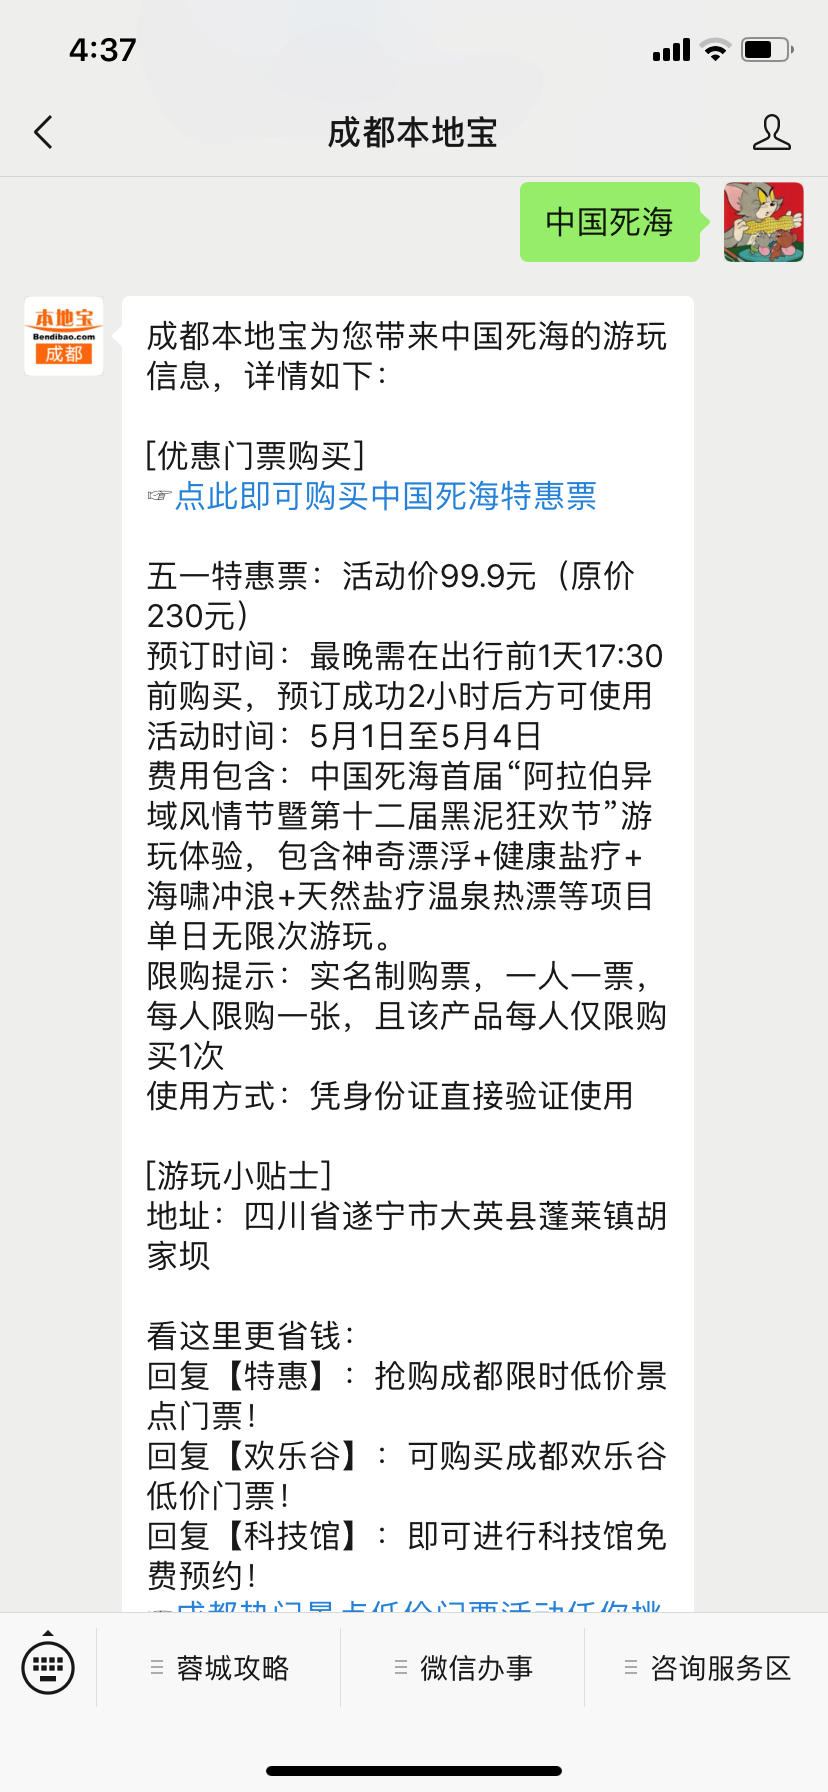 2019年五一中国死海特惠门票购买入口